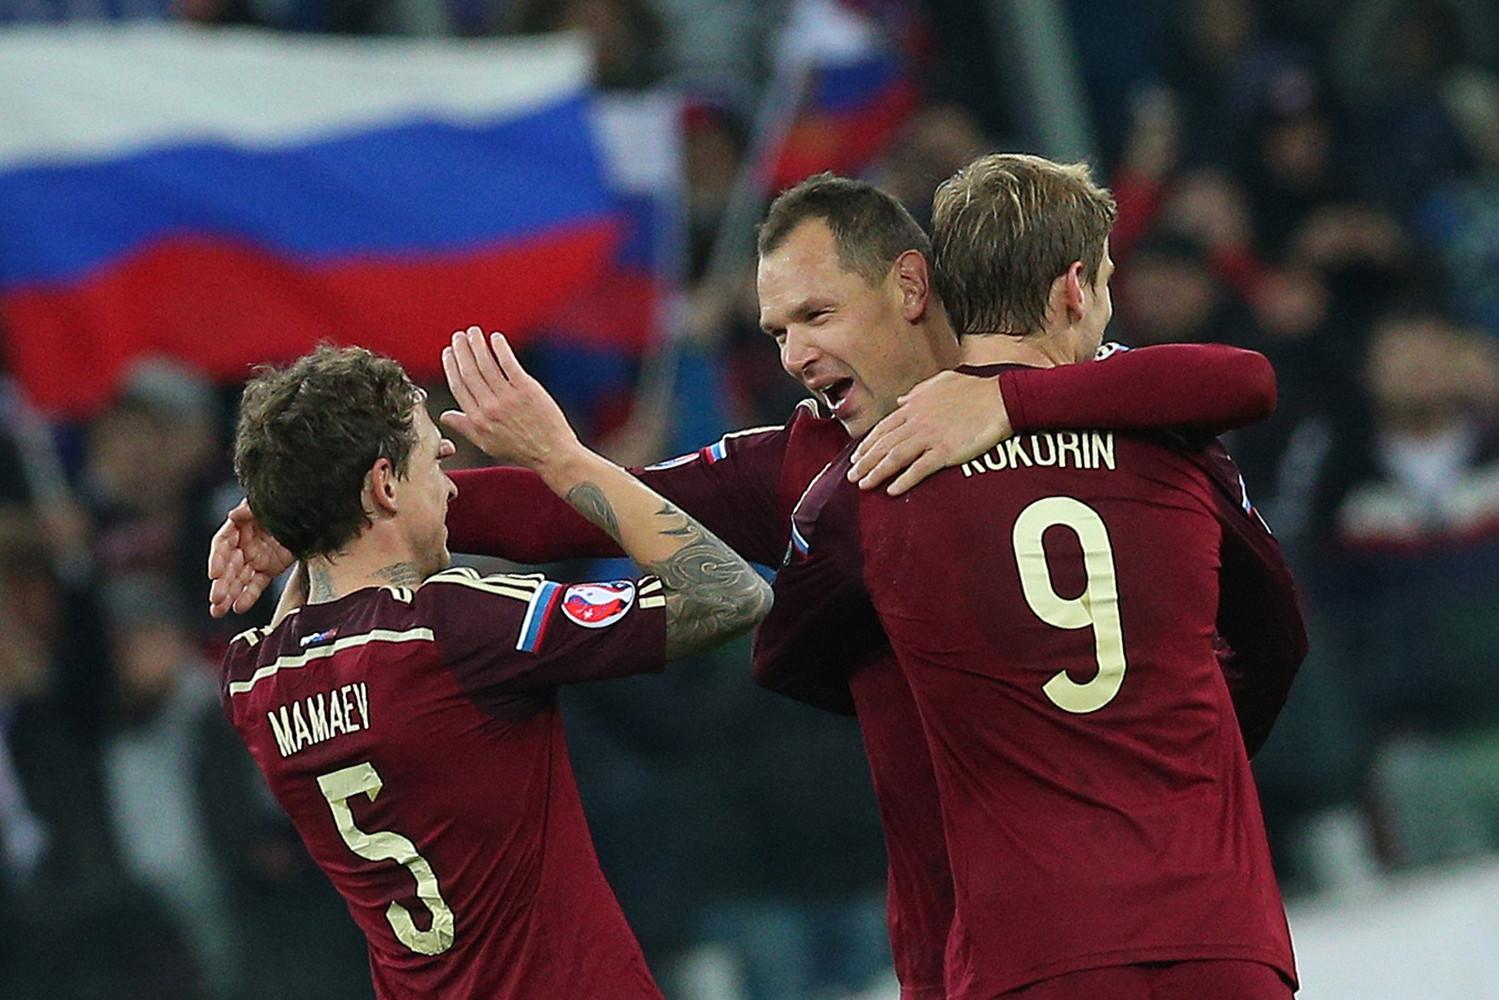 Россия - Португалия 14.11.2015 Россия - Португалия 14.11.15